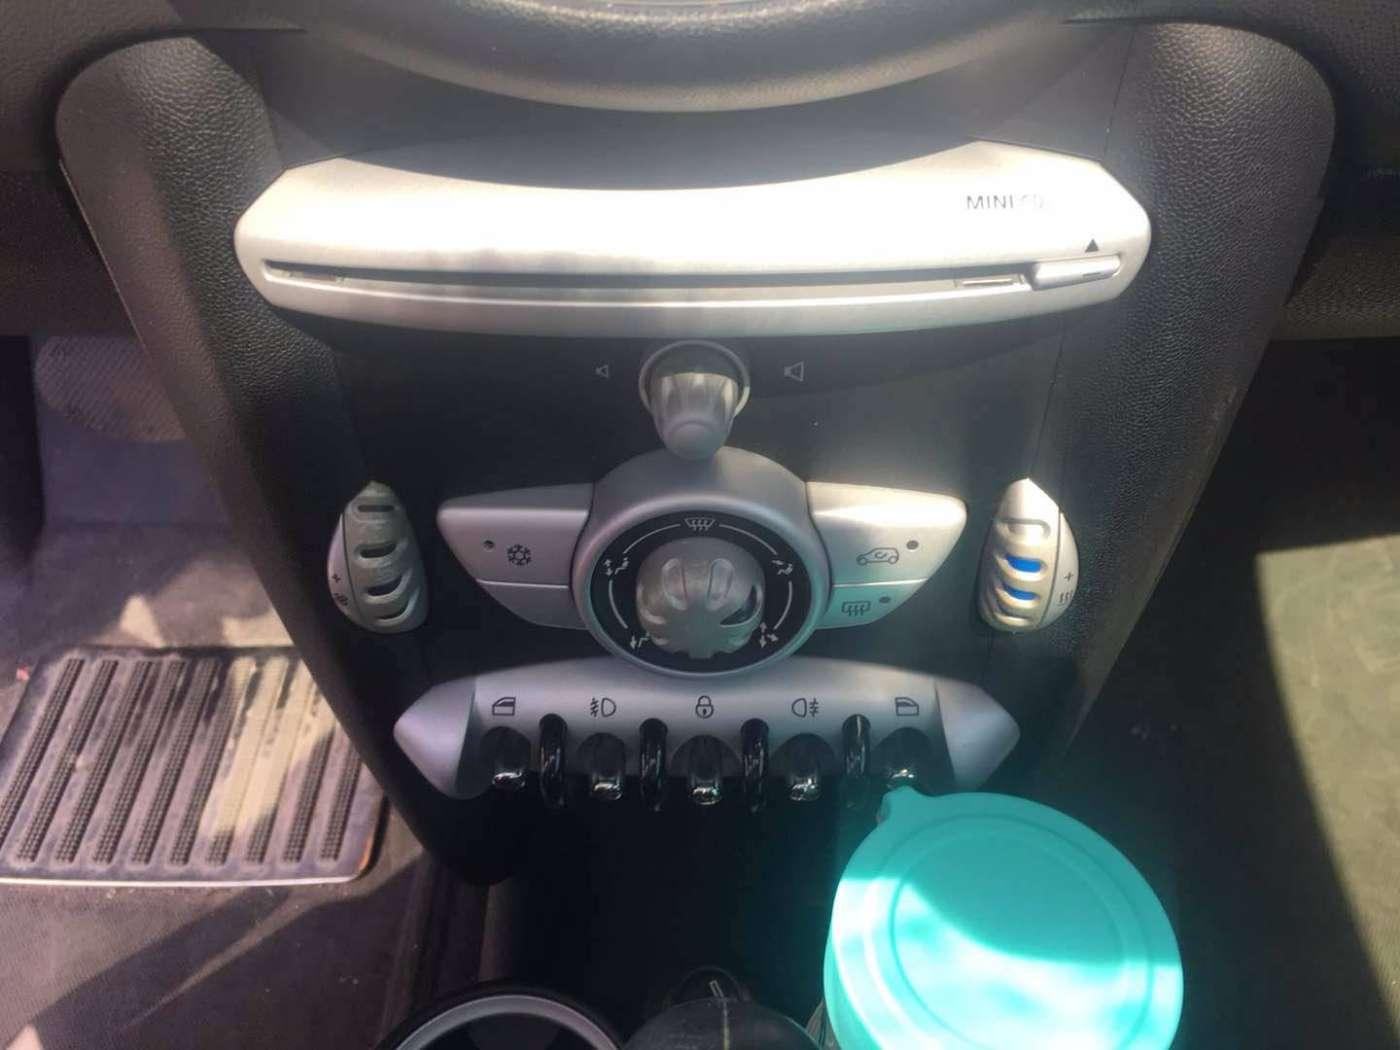 2009年08月 MINI 2007款 1.6L COOPER Fun|甄选宝马-北京卡斯基汽车服务有限公司